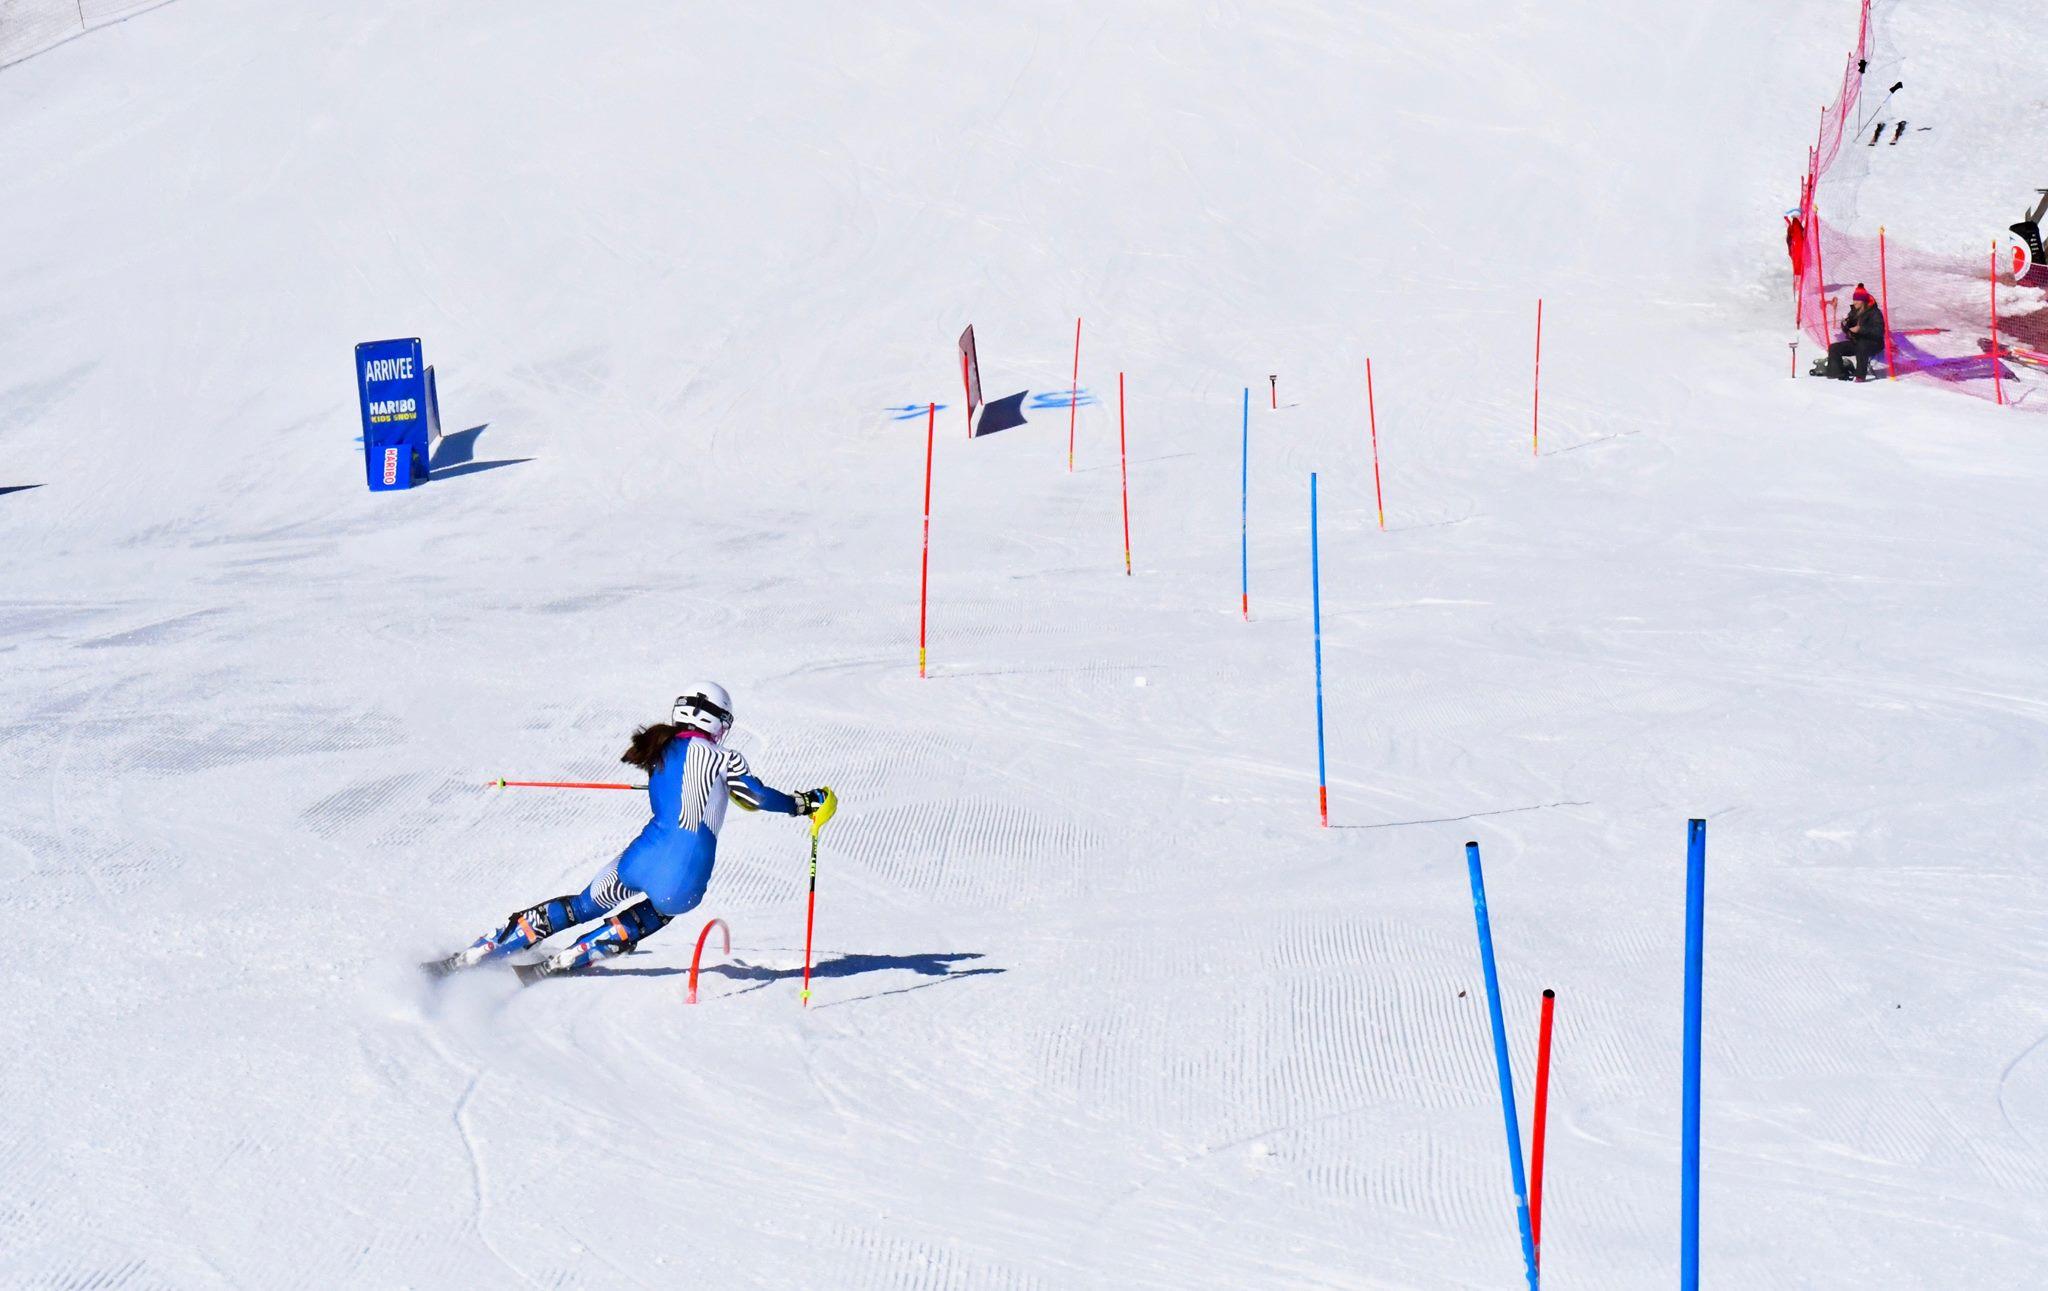 ligne d'arrivée - Slalom skicamp - Montgenèvre Mars 2019